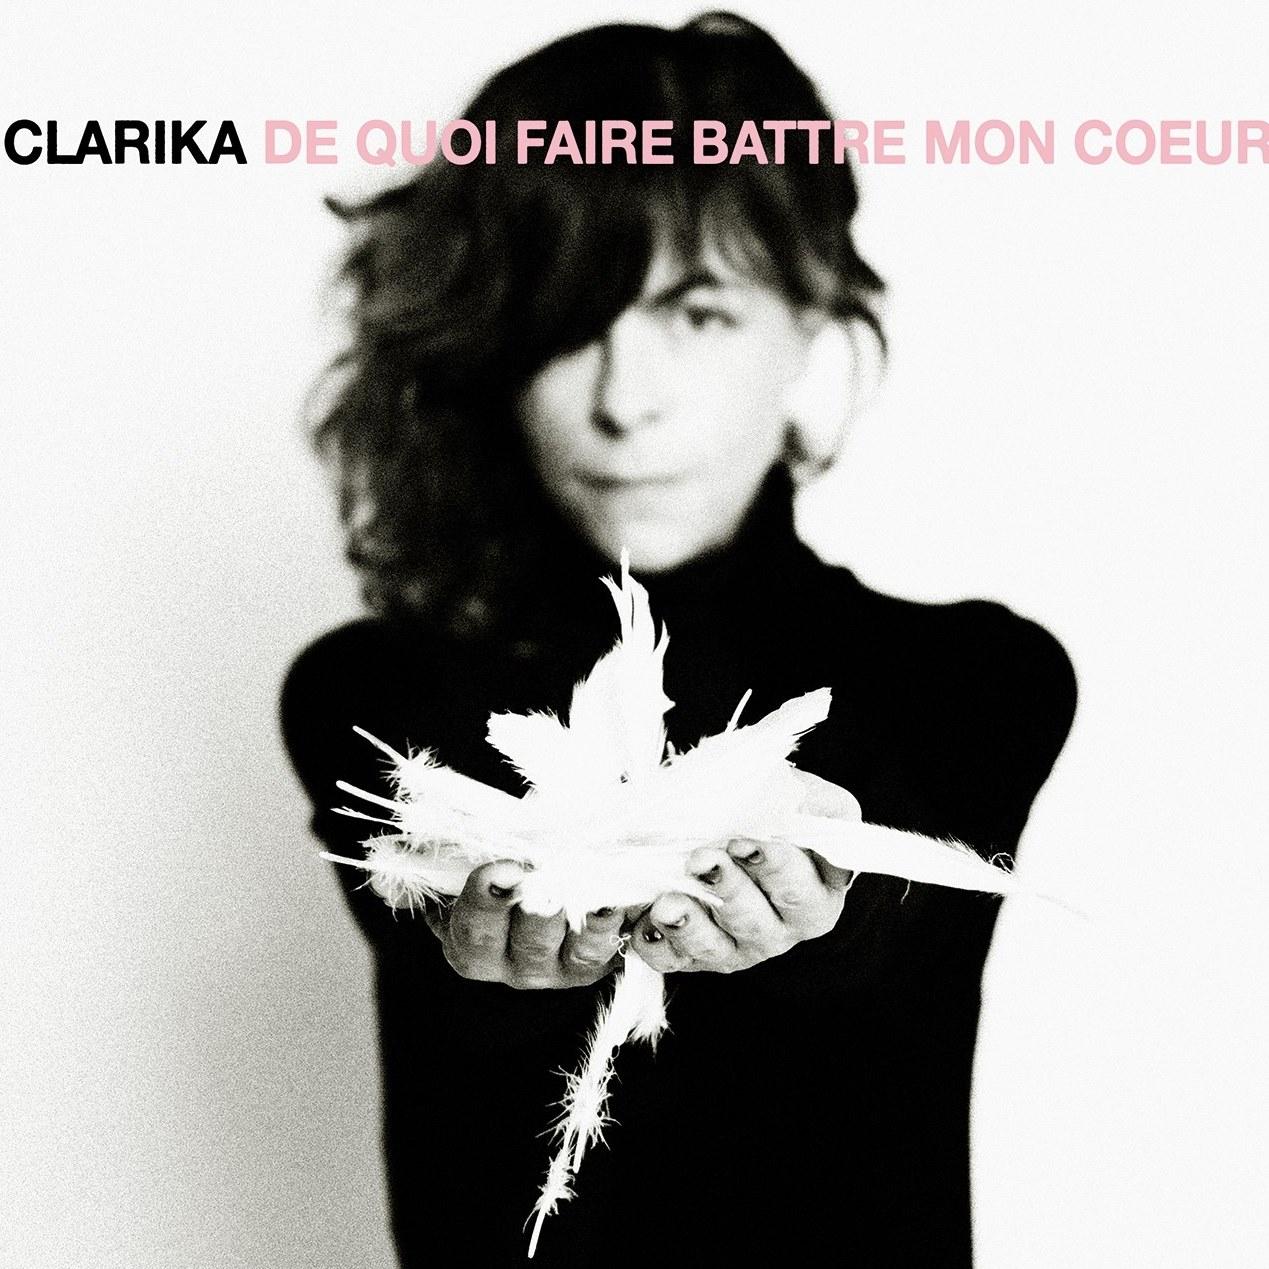 Clarika - De quoi faire battre mon cœur